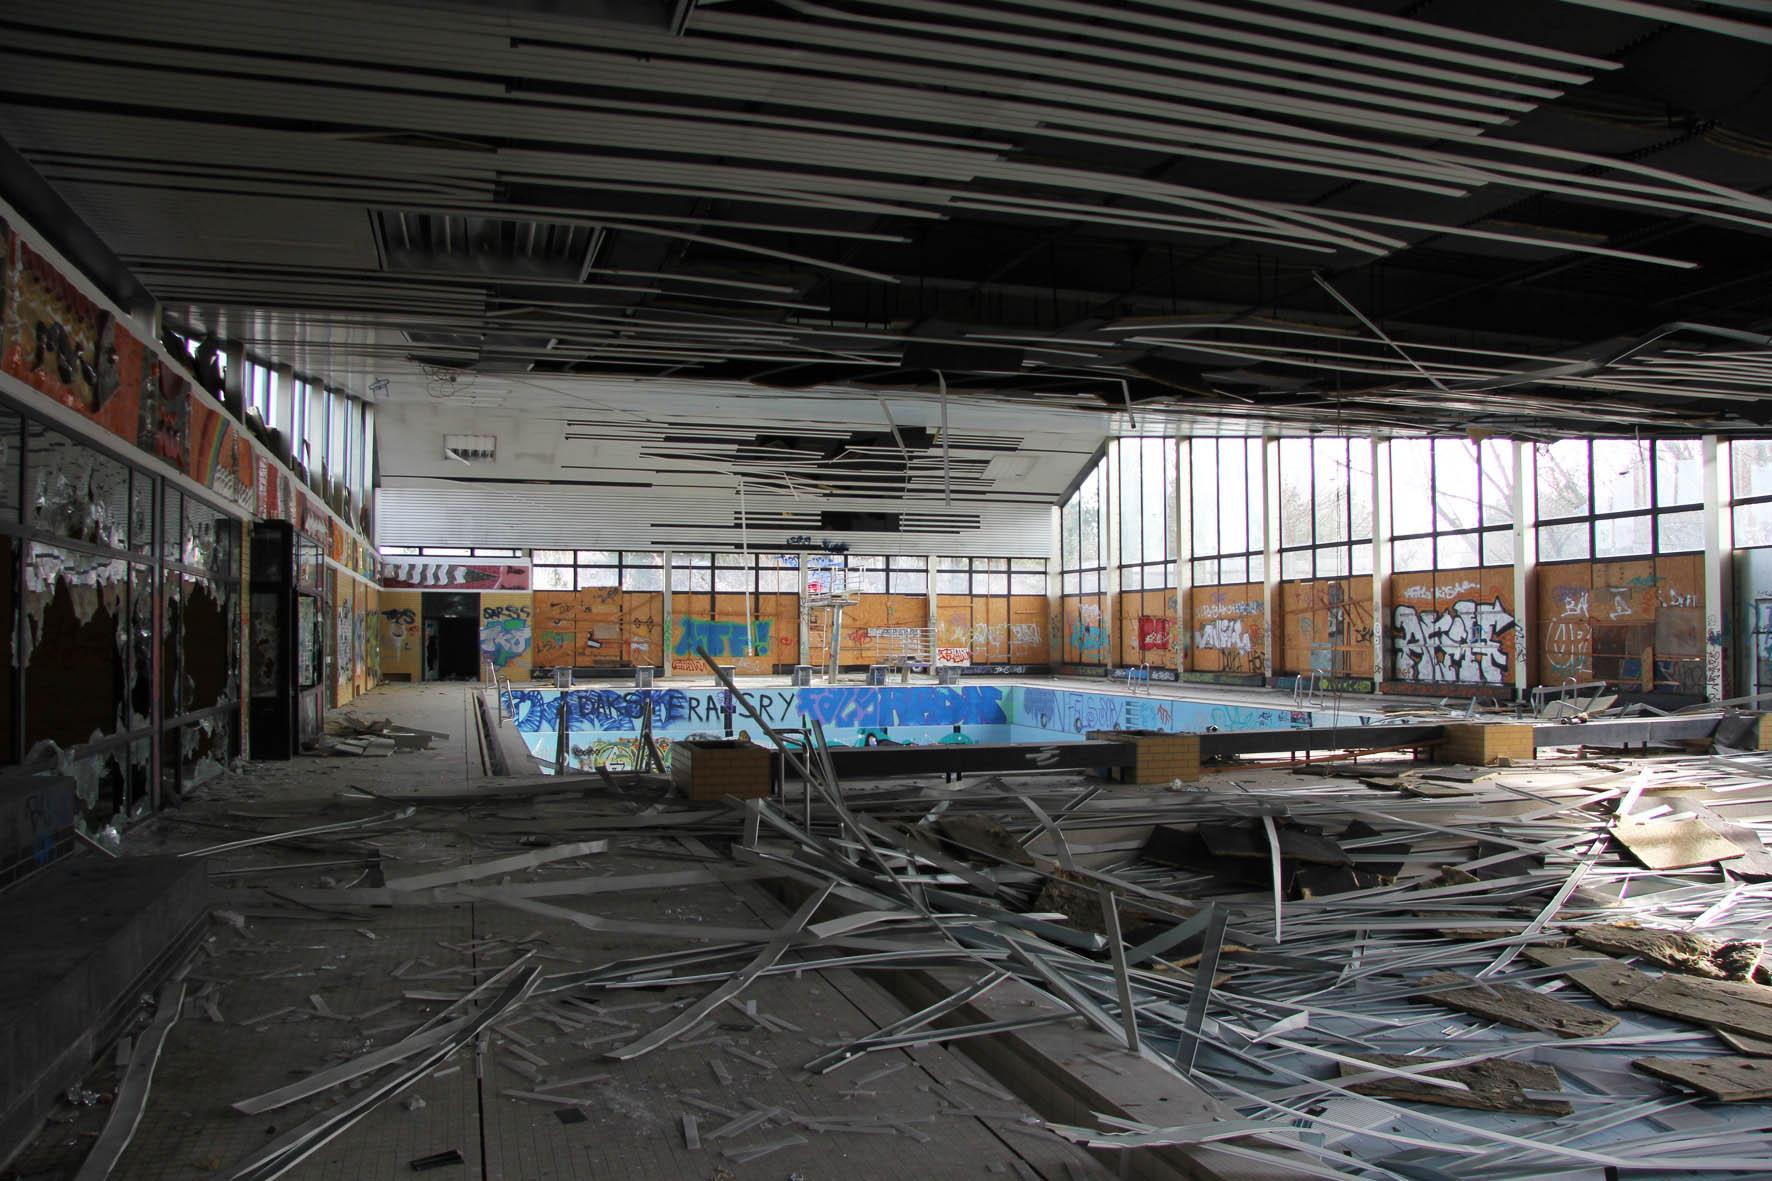 Zerstörung im Franzosenbad Berlin - Ein verlassenes Schwimmbad in der Cité Foch, ehemals Heimat der französischen Alliierten, die nach dem Zweiten Weltkrieg in Berlin stationiert waren